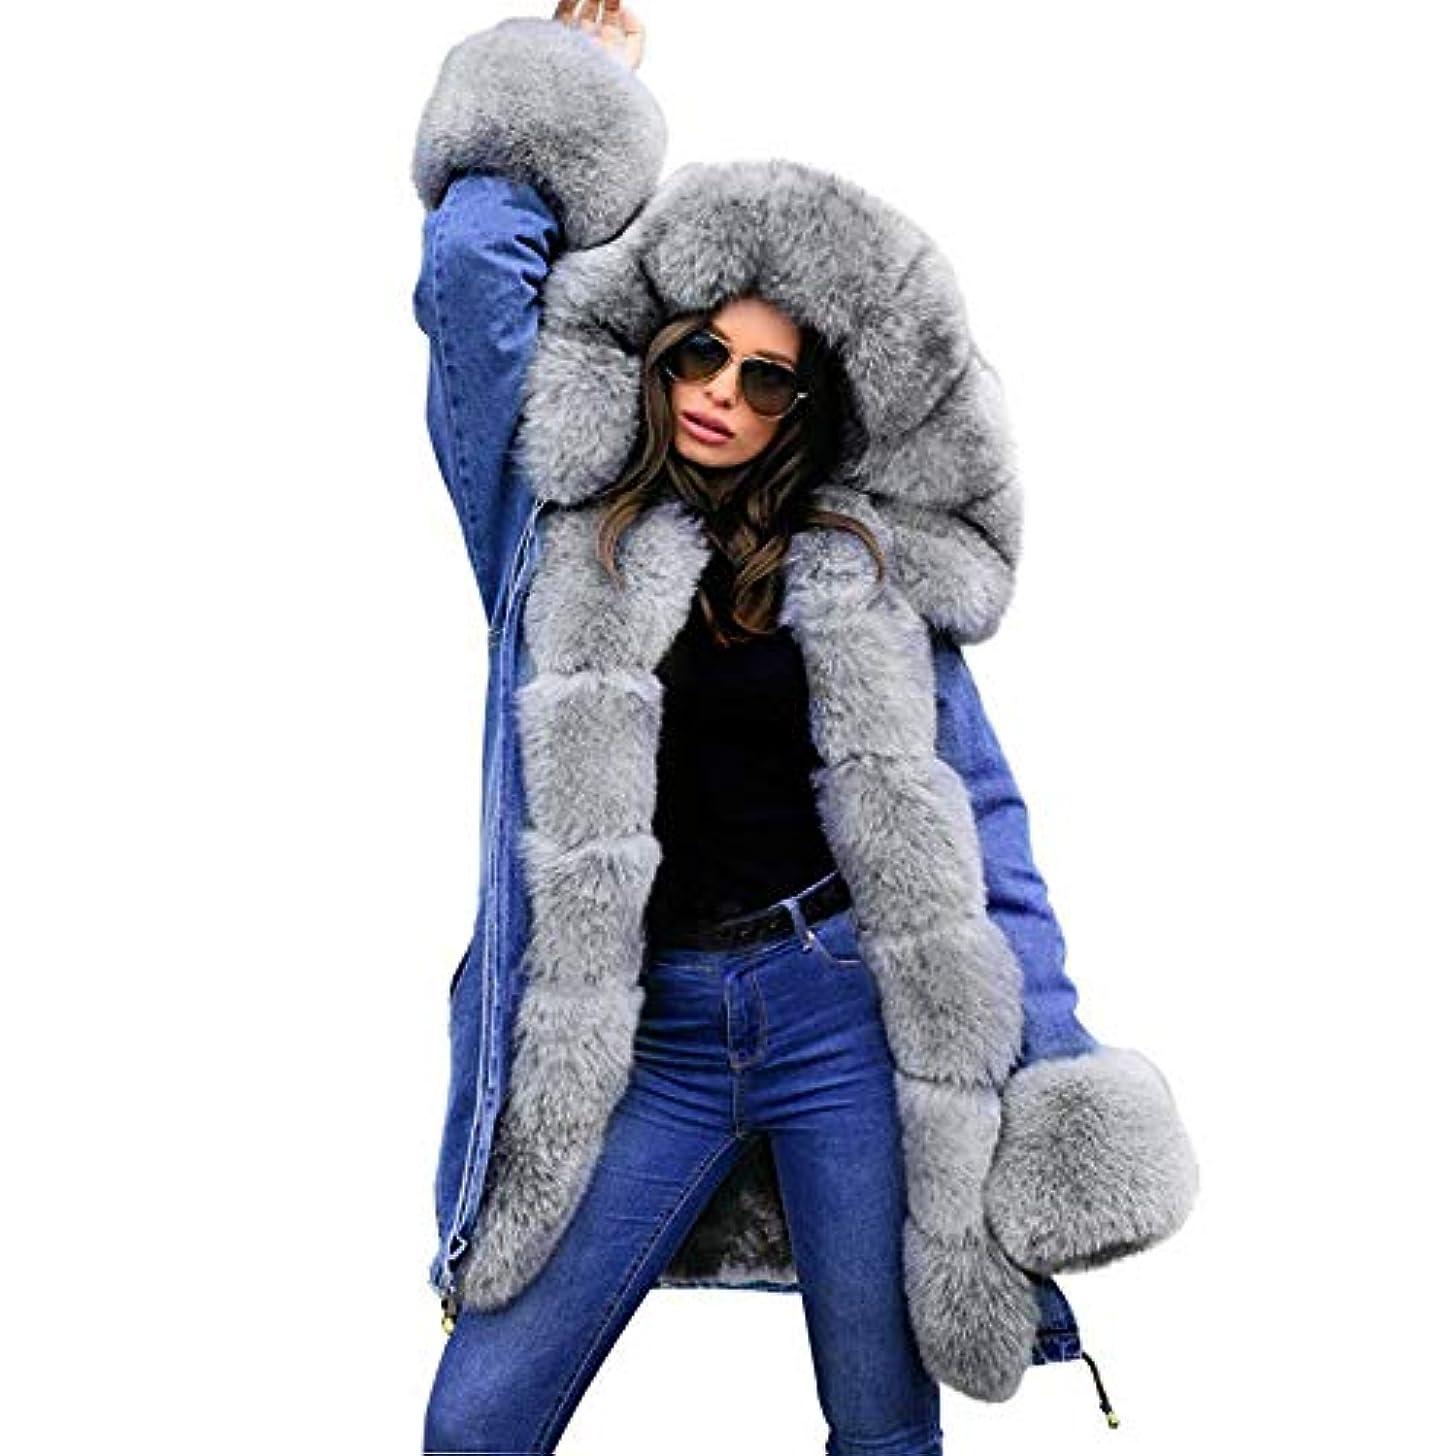 天井豆ビット冬の女性のフード付きコートの毛皮の襟暖かいロングコートの女性の冬のジャケット女性のアウター,S